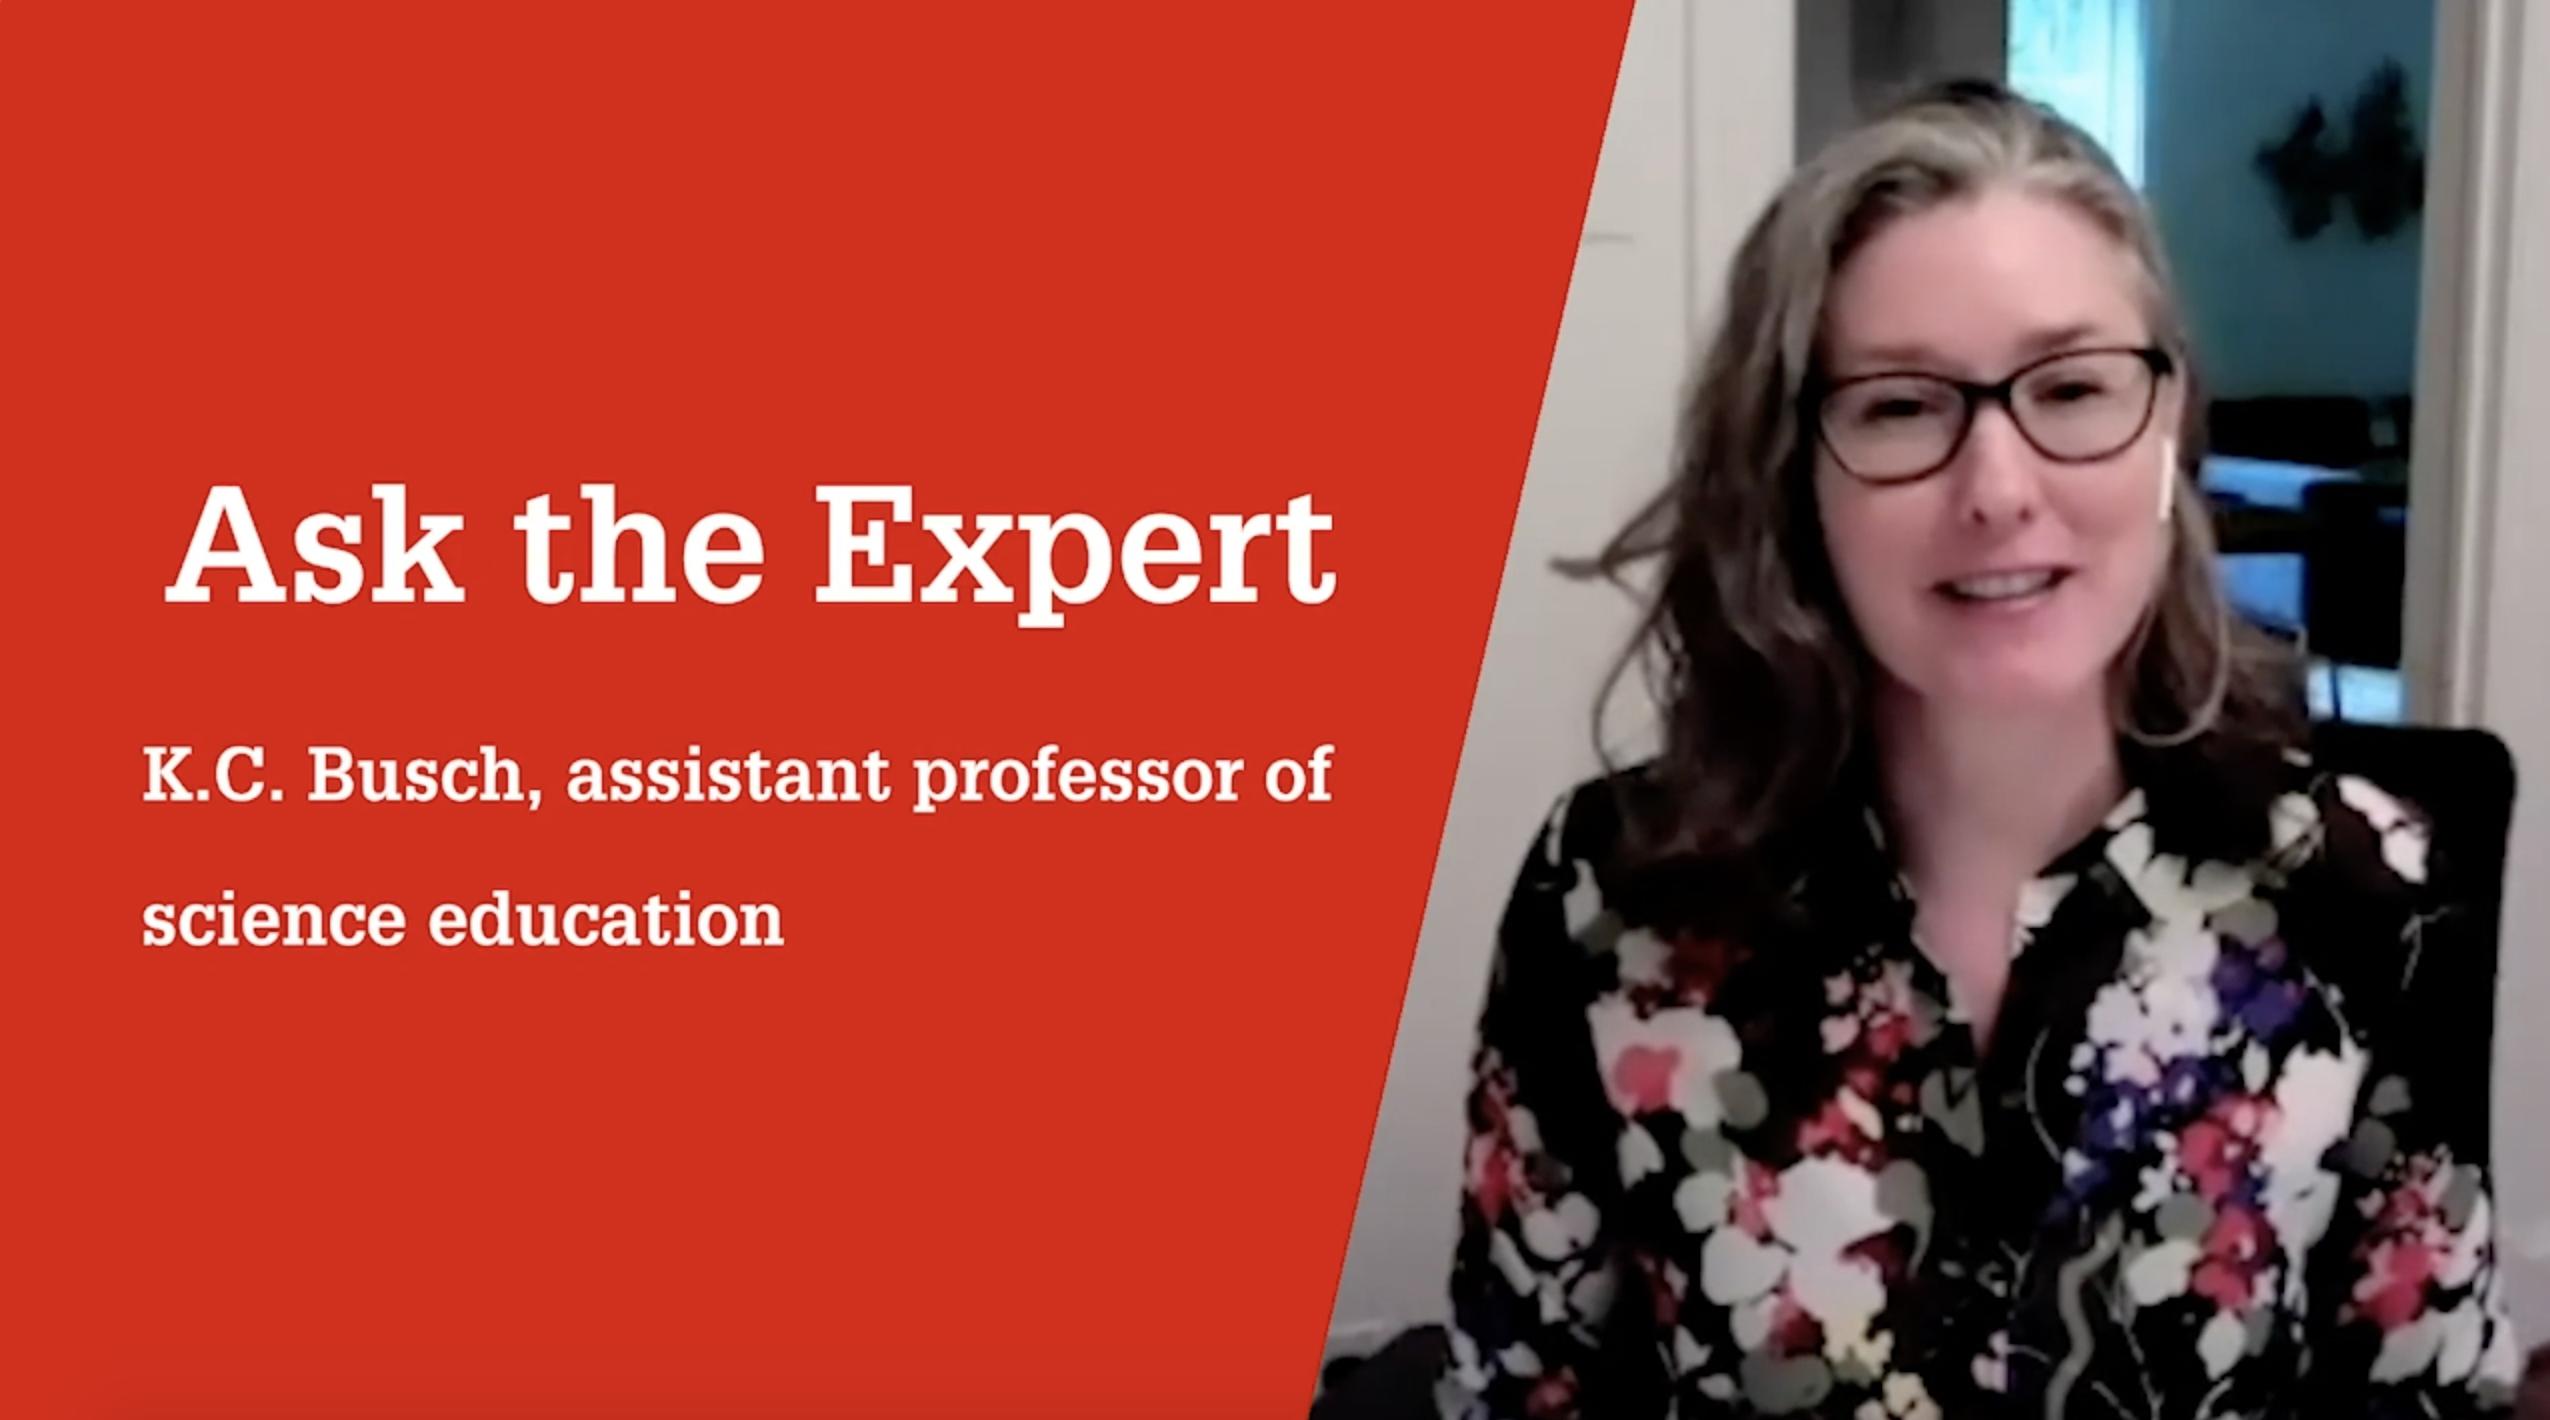 Assistant Professor K.C. Busch discusses climate change education